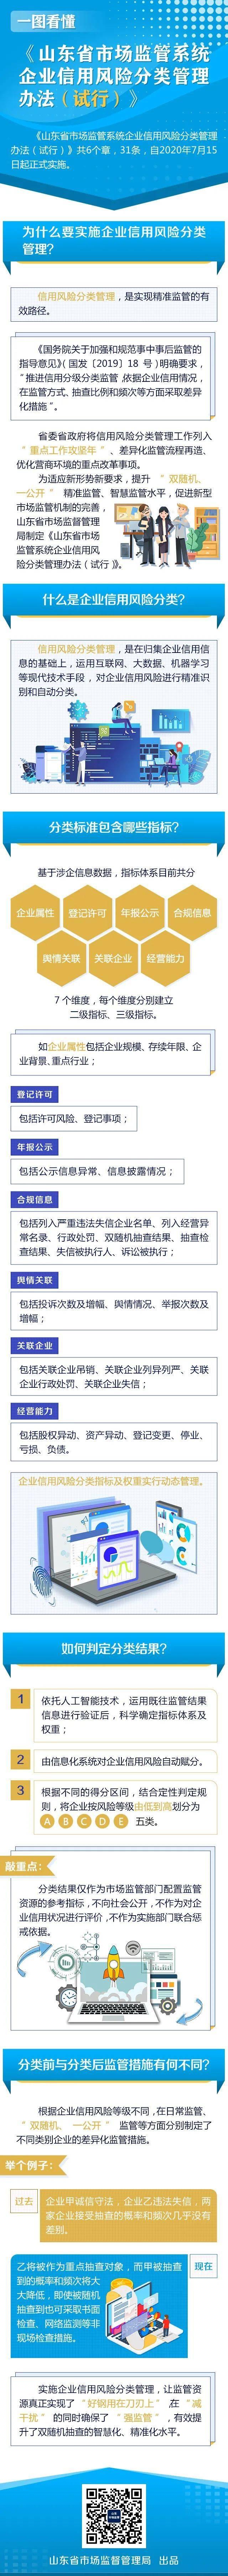 一图读懂—山东省市场监管系统企业信用风险分类管理办法(试行)